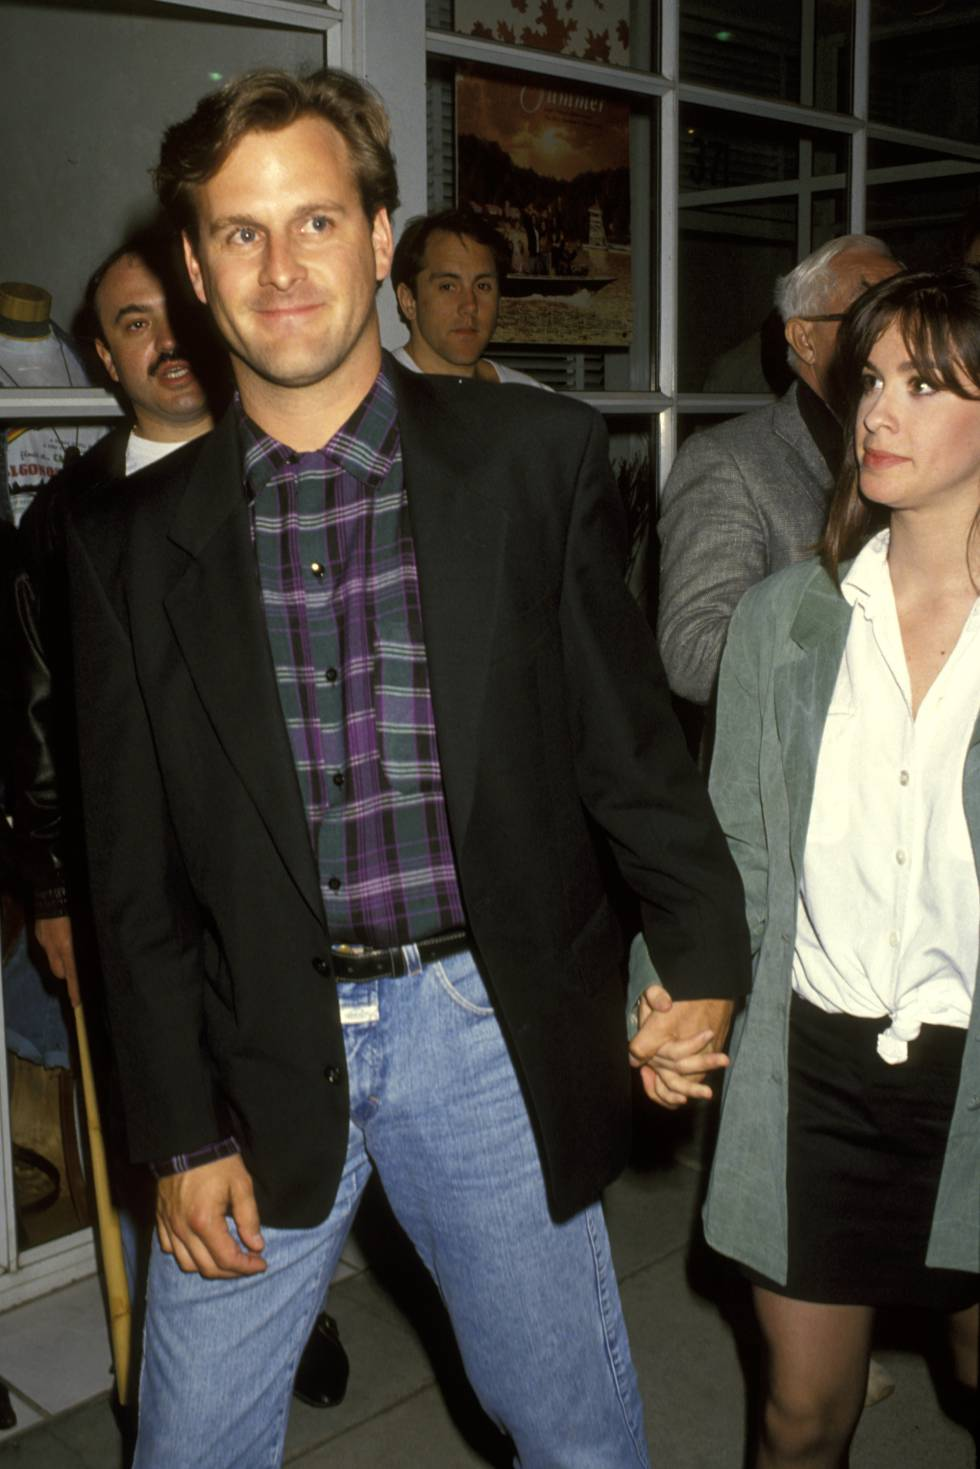 El actor Dave Coulier y Alanis Morisette, entonces su pareja, en el estreno de la película 'Indian Summer' en Los Ángeles en 1993. Alanis todavía no era la superestrella en la que se convirtio dos años más tarde.